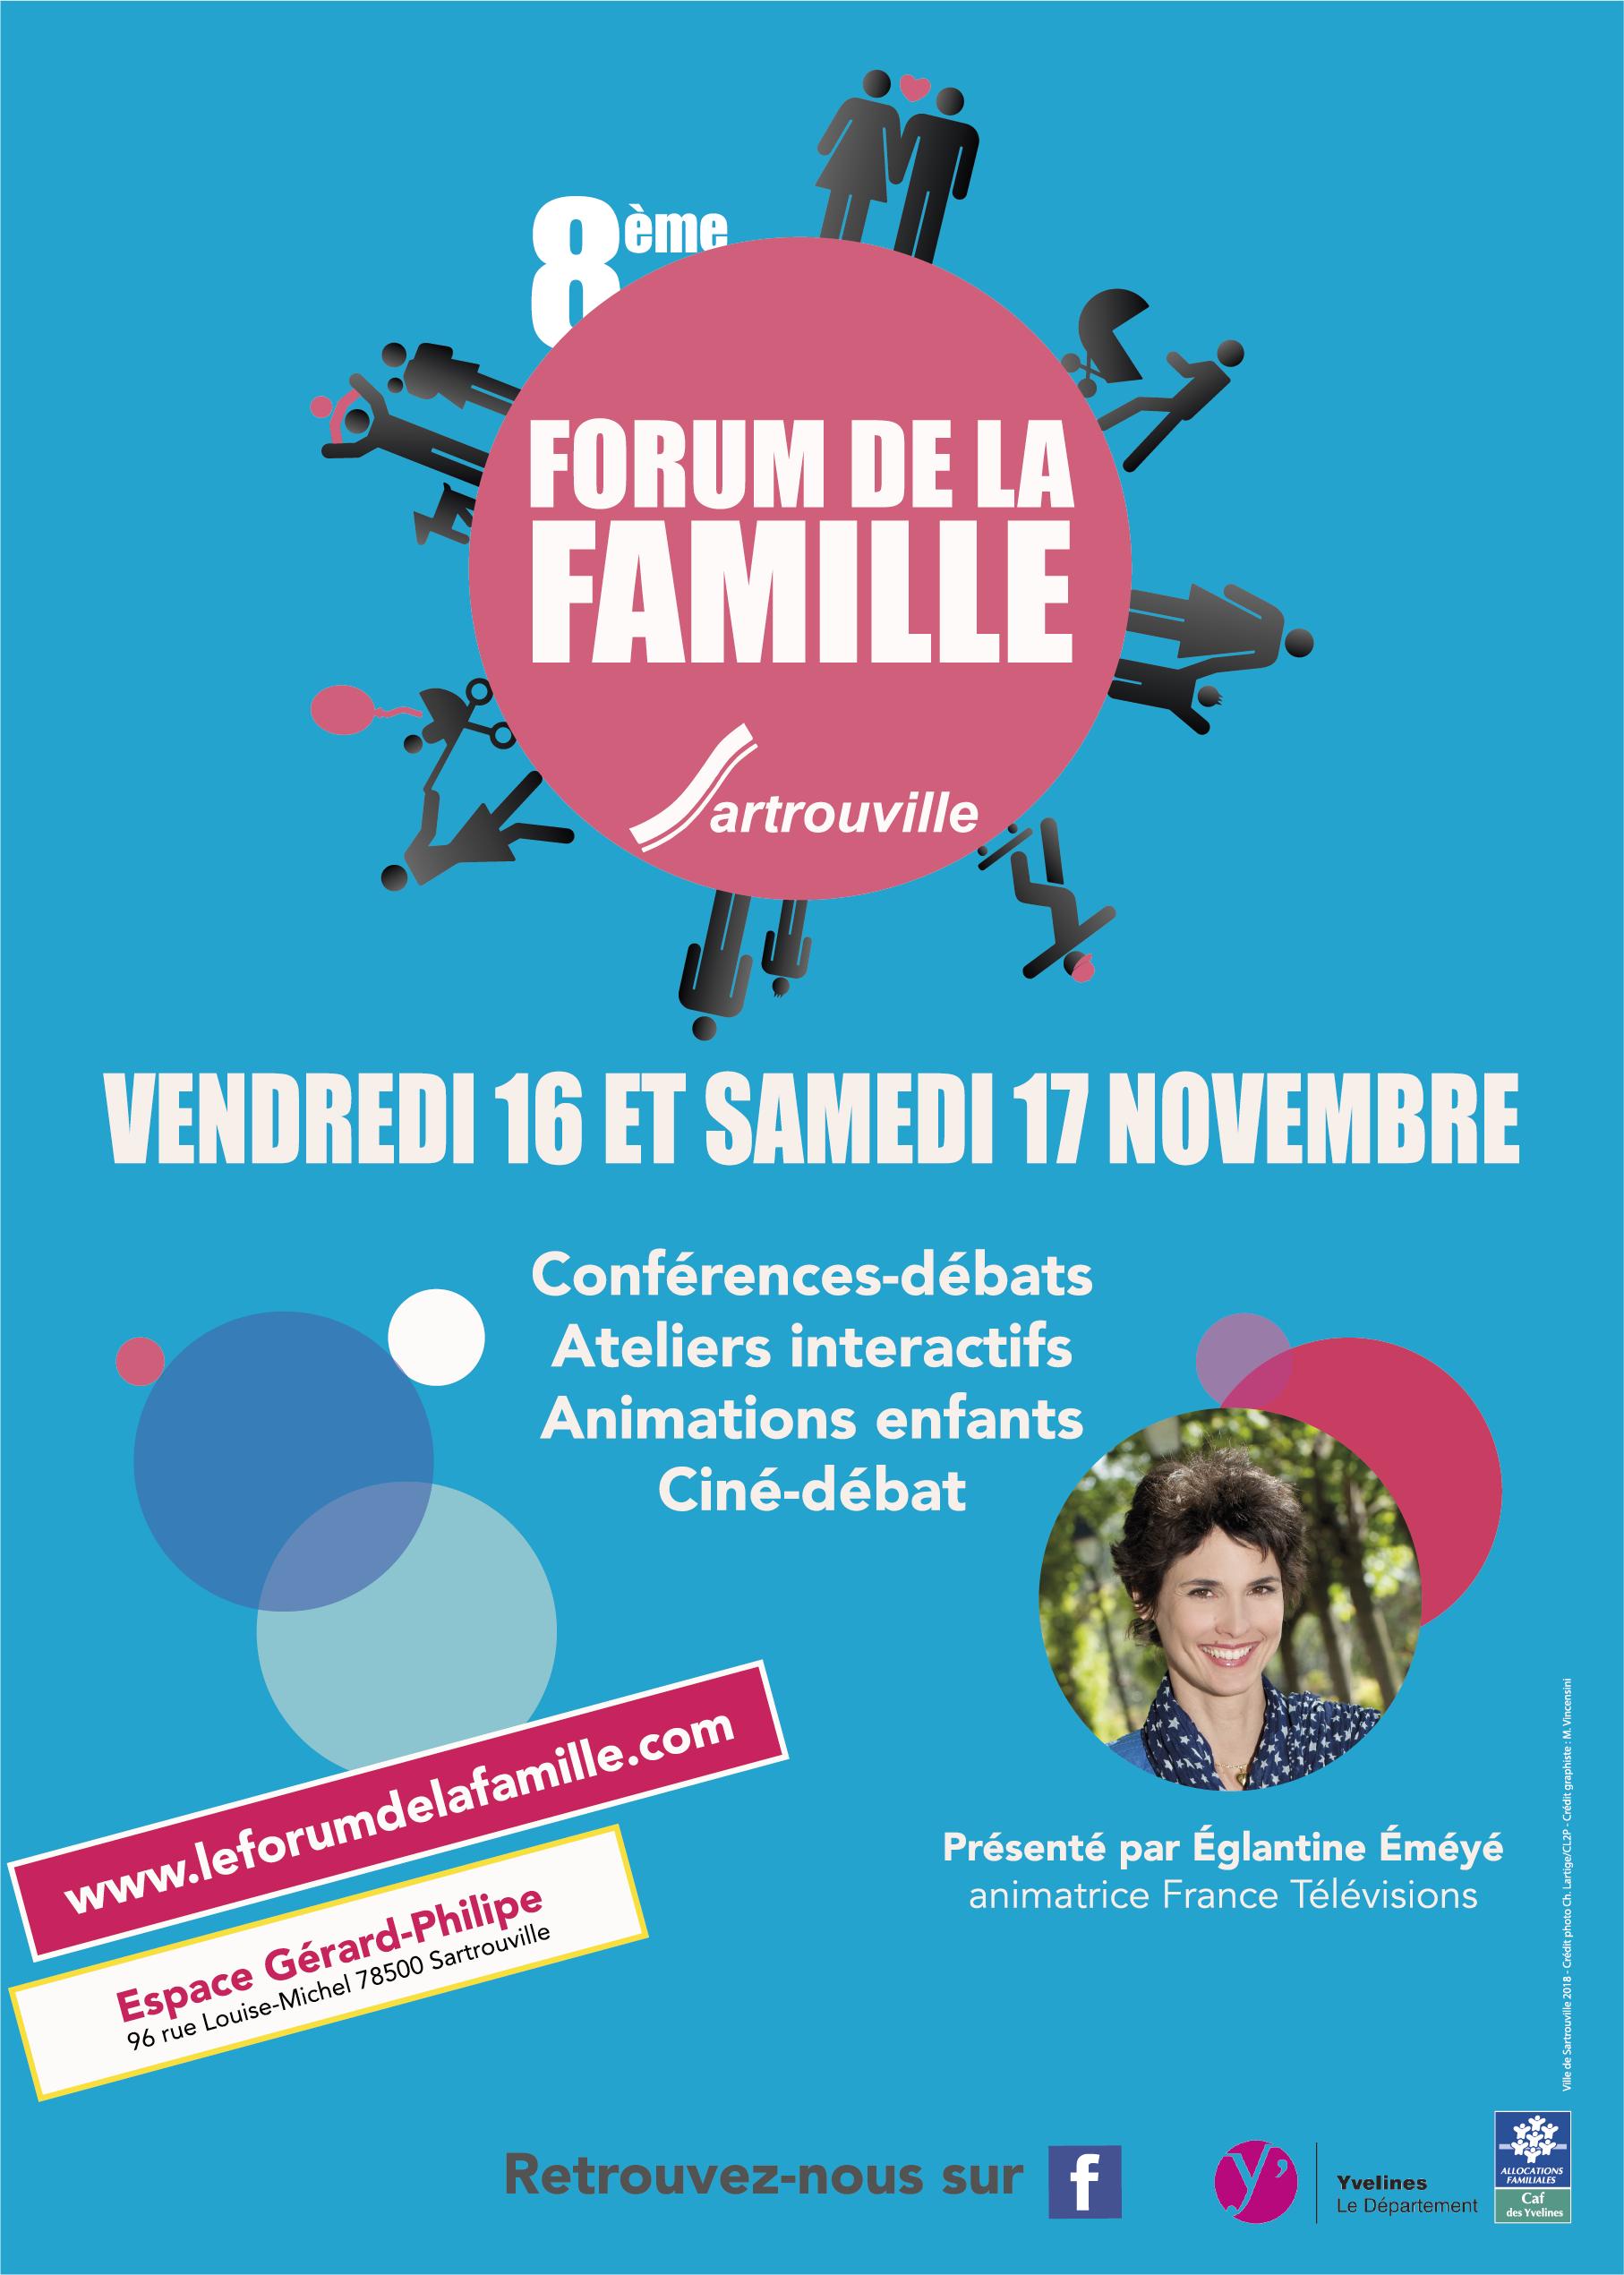 affiche-a3-sartrouville-2018-bleu-01